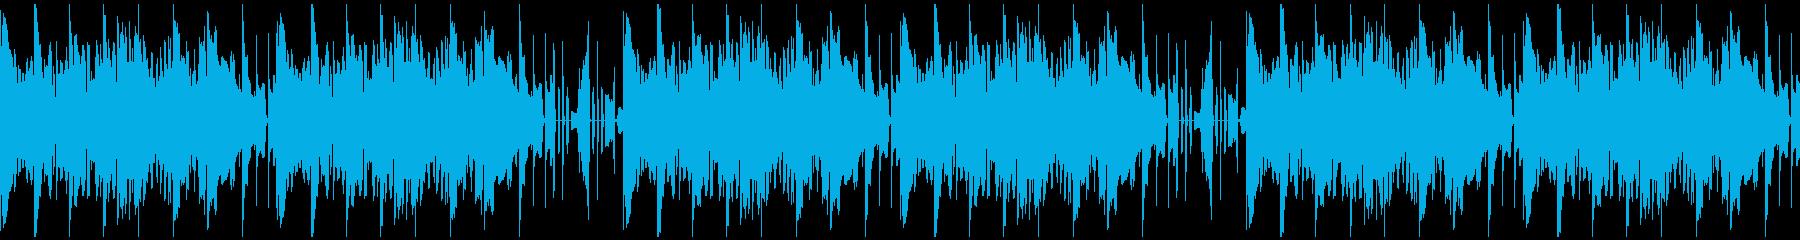 【神秘的オリエンタル×TRAPPPPP】の再生済みの波形